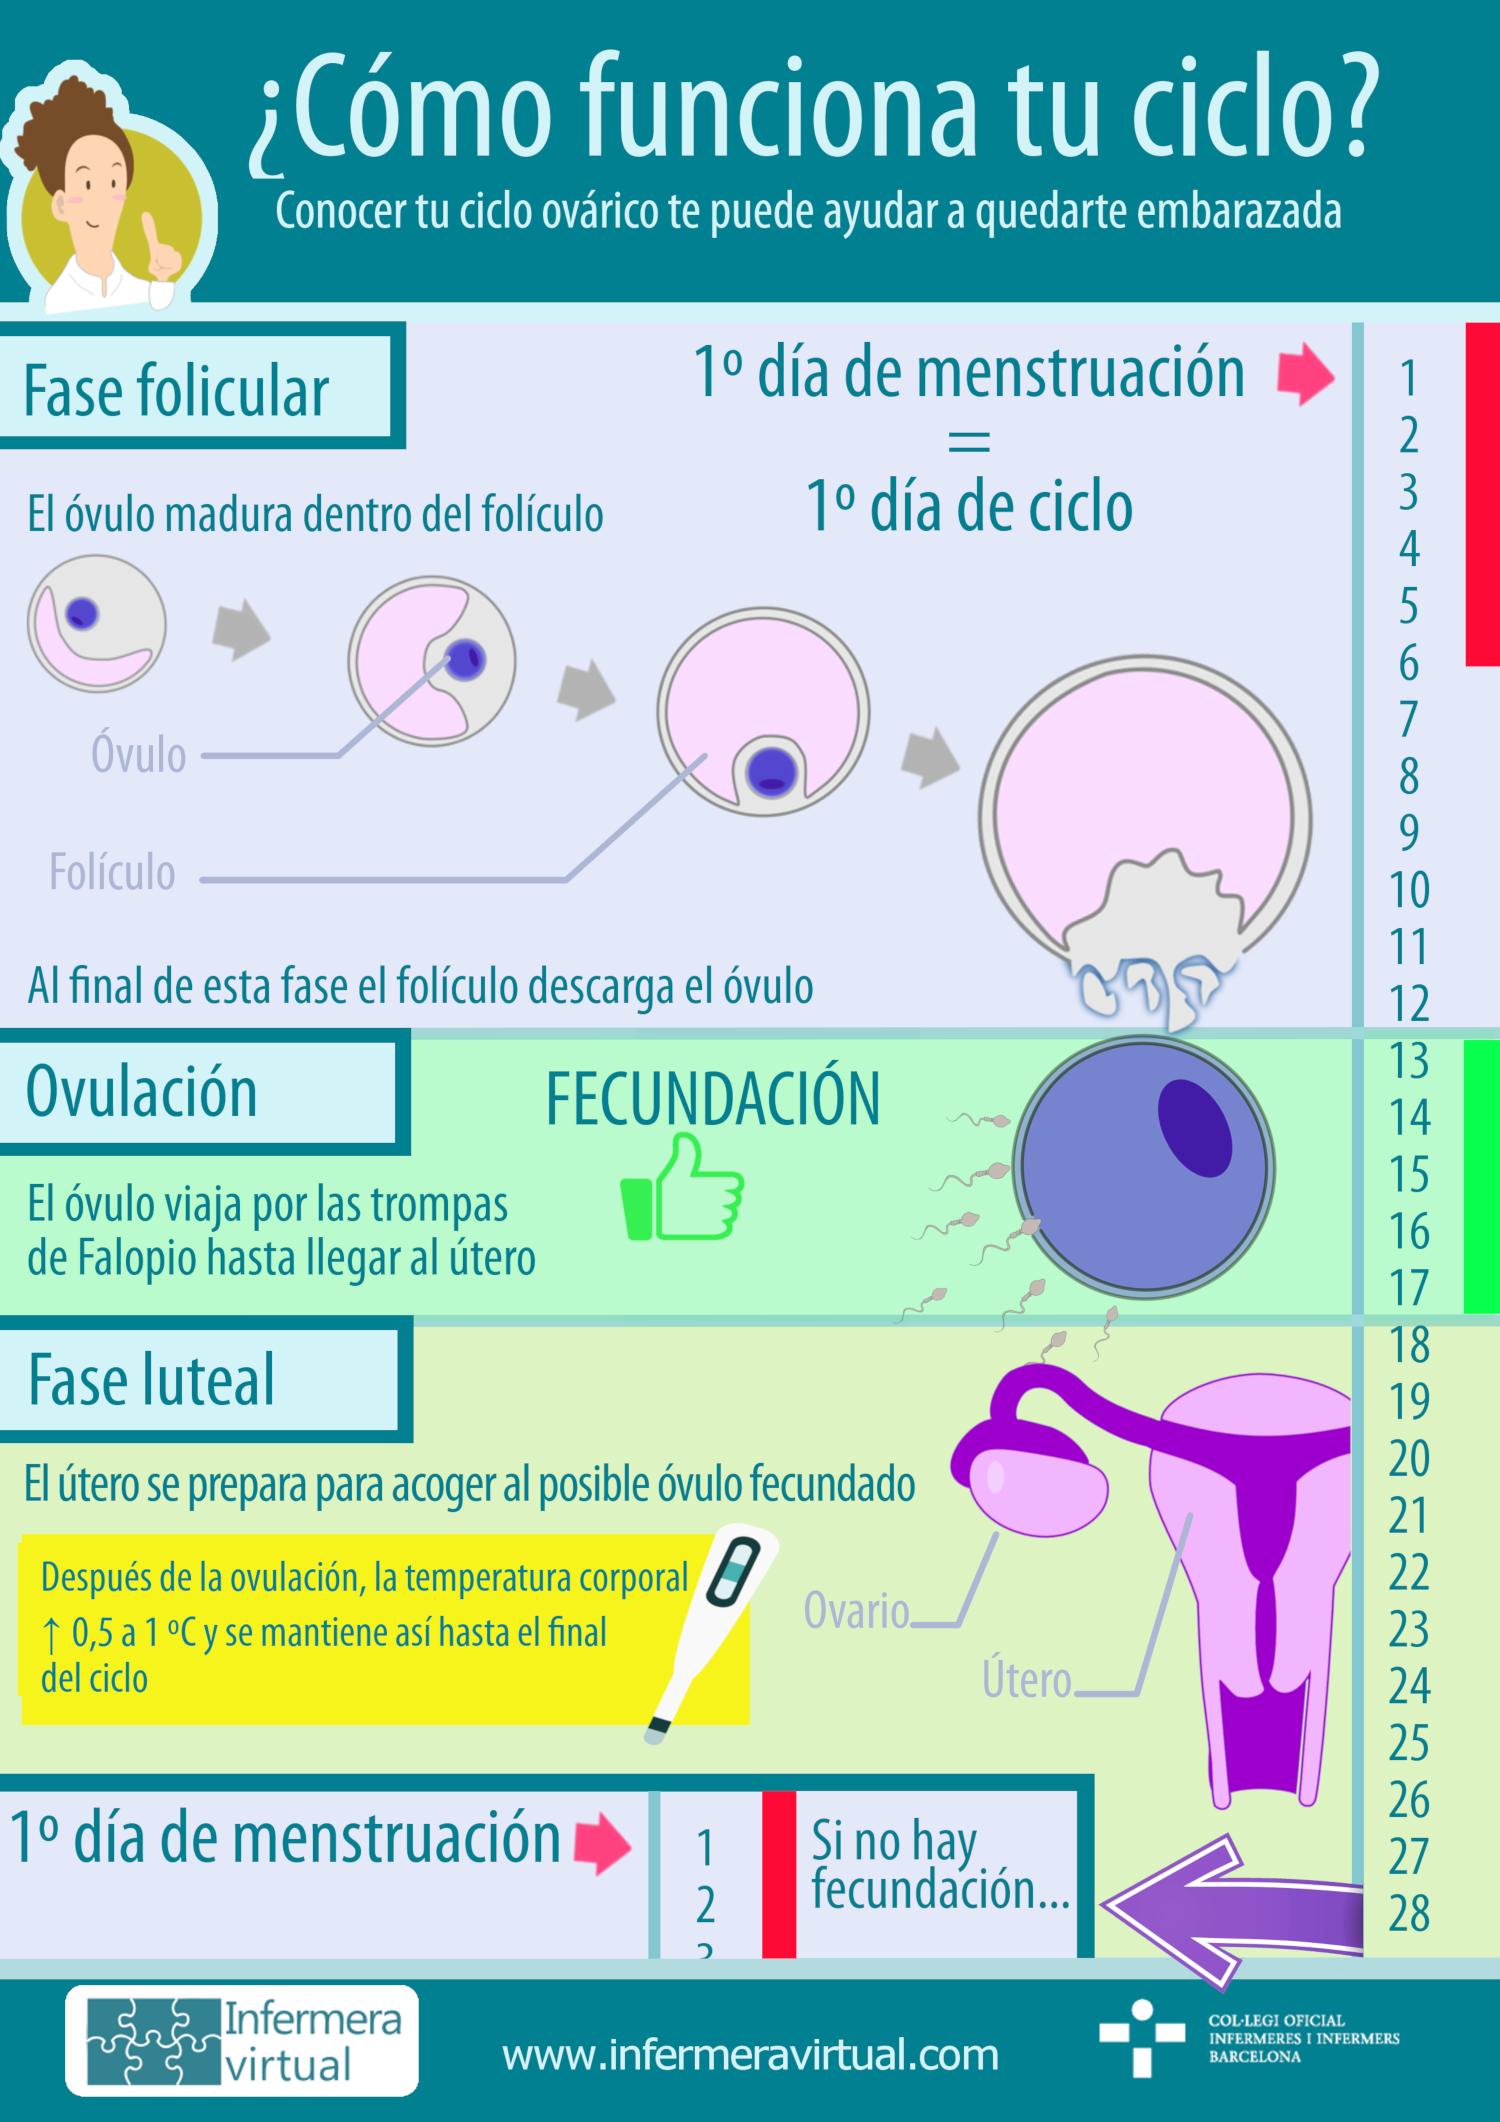 Infermeravirtual.com - Funciones del sistema, Actividades de la vi...